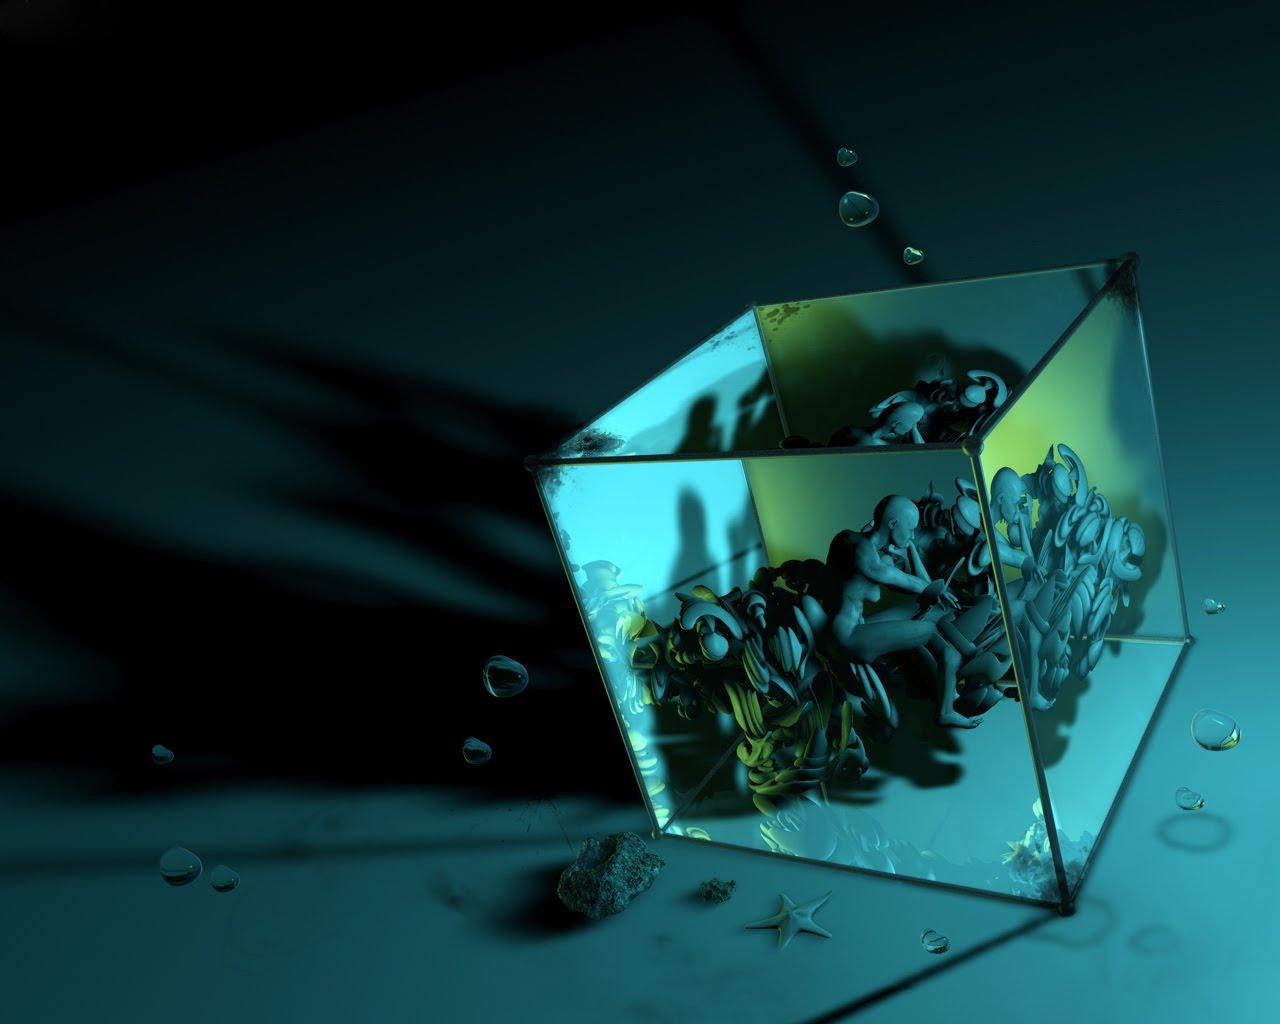 http://4.bp.blogspot.com/_KLJU3hHDGVM/TDXdOgHi-fI/AAAAAAAAC3A/6SlDZC05HcM/s1600/Free+pixhome.jpg